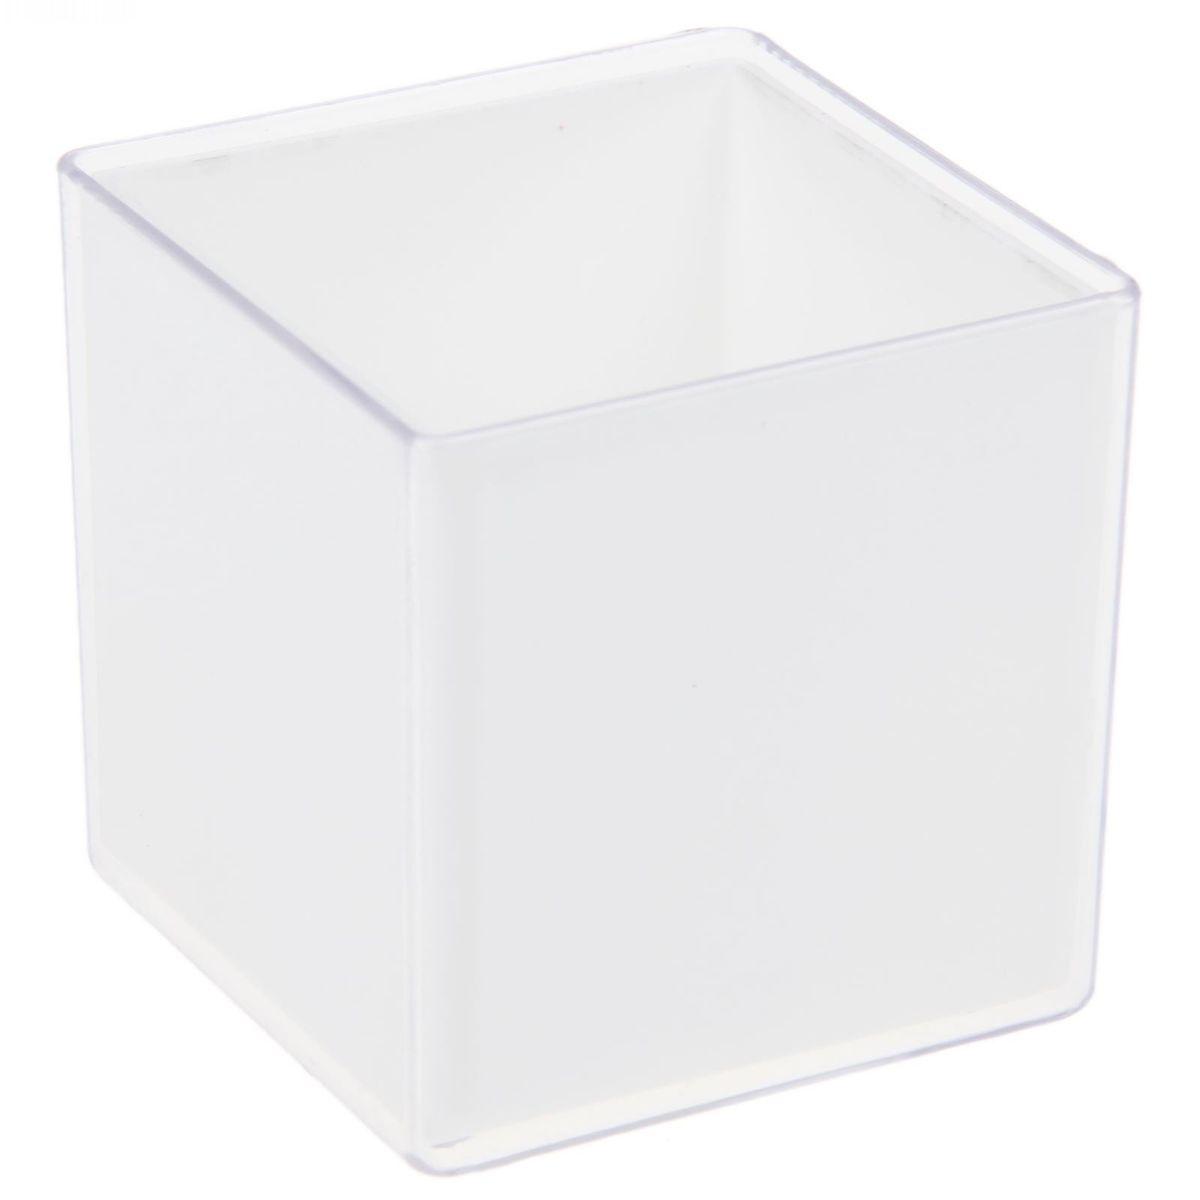 Кашпо JetPlast Мини куб, на магните, цвет: прозрачный, 6 x 6 x 6 смHS.040007Кашпо JetPlast Мини куб предназначено для украшения любого интерьера. Благодаря магнитной ленте, входящей в комплект, вы можете разместить его не только на подоконнике, столе, а также на холодильнике и любой другой металлической поверхности, дополняя привычные вещи новыми дизайнерскими решениями. Кашпо можно использовать не только под цветы, но и как подставку для ручек, карандашей и прочих канцелярских мелочей.Размеры кашпо: 6 х 6 х 6 см.